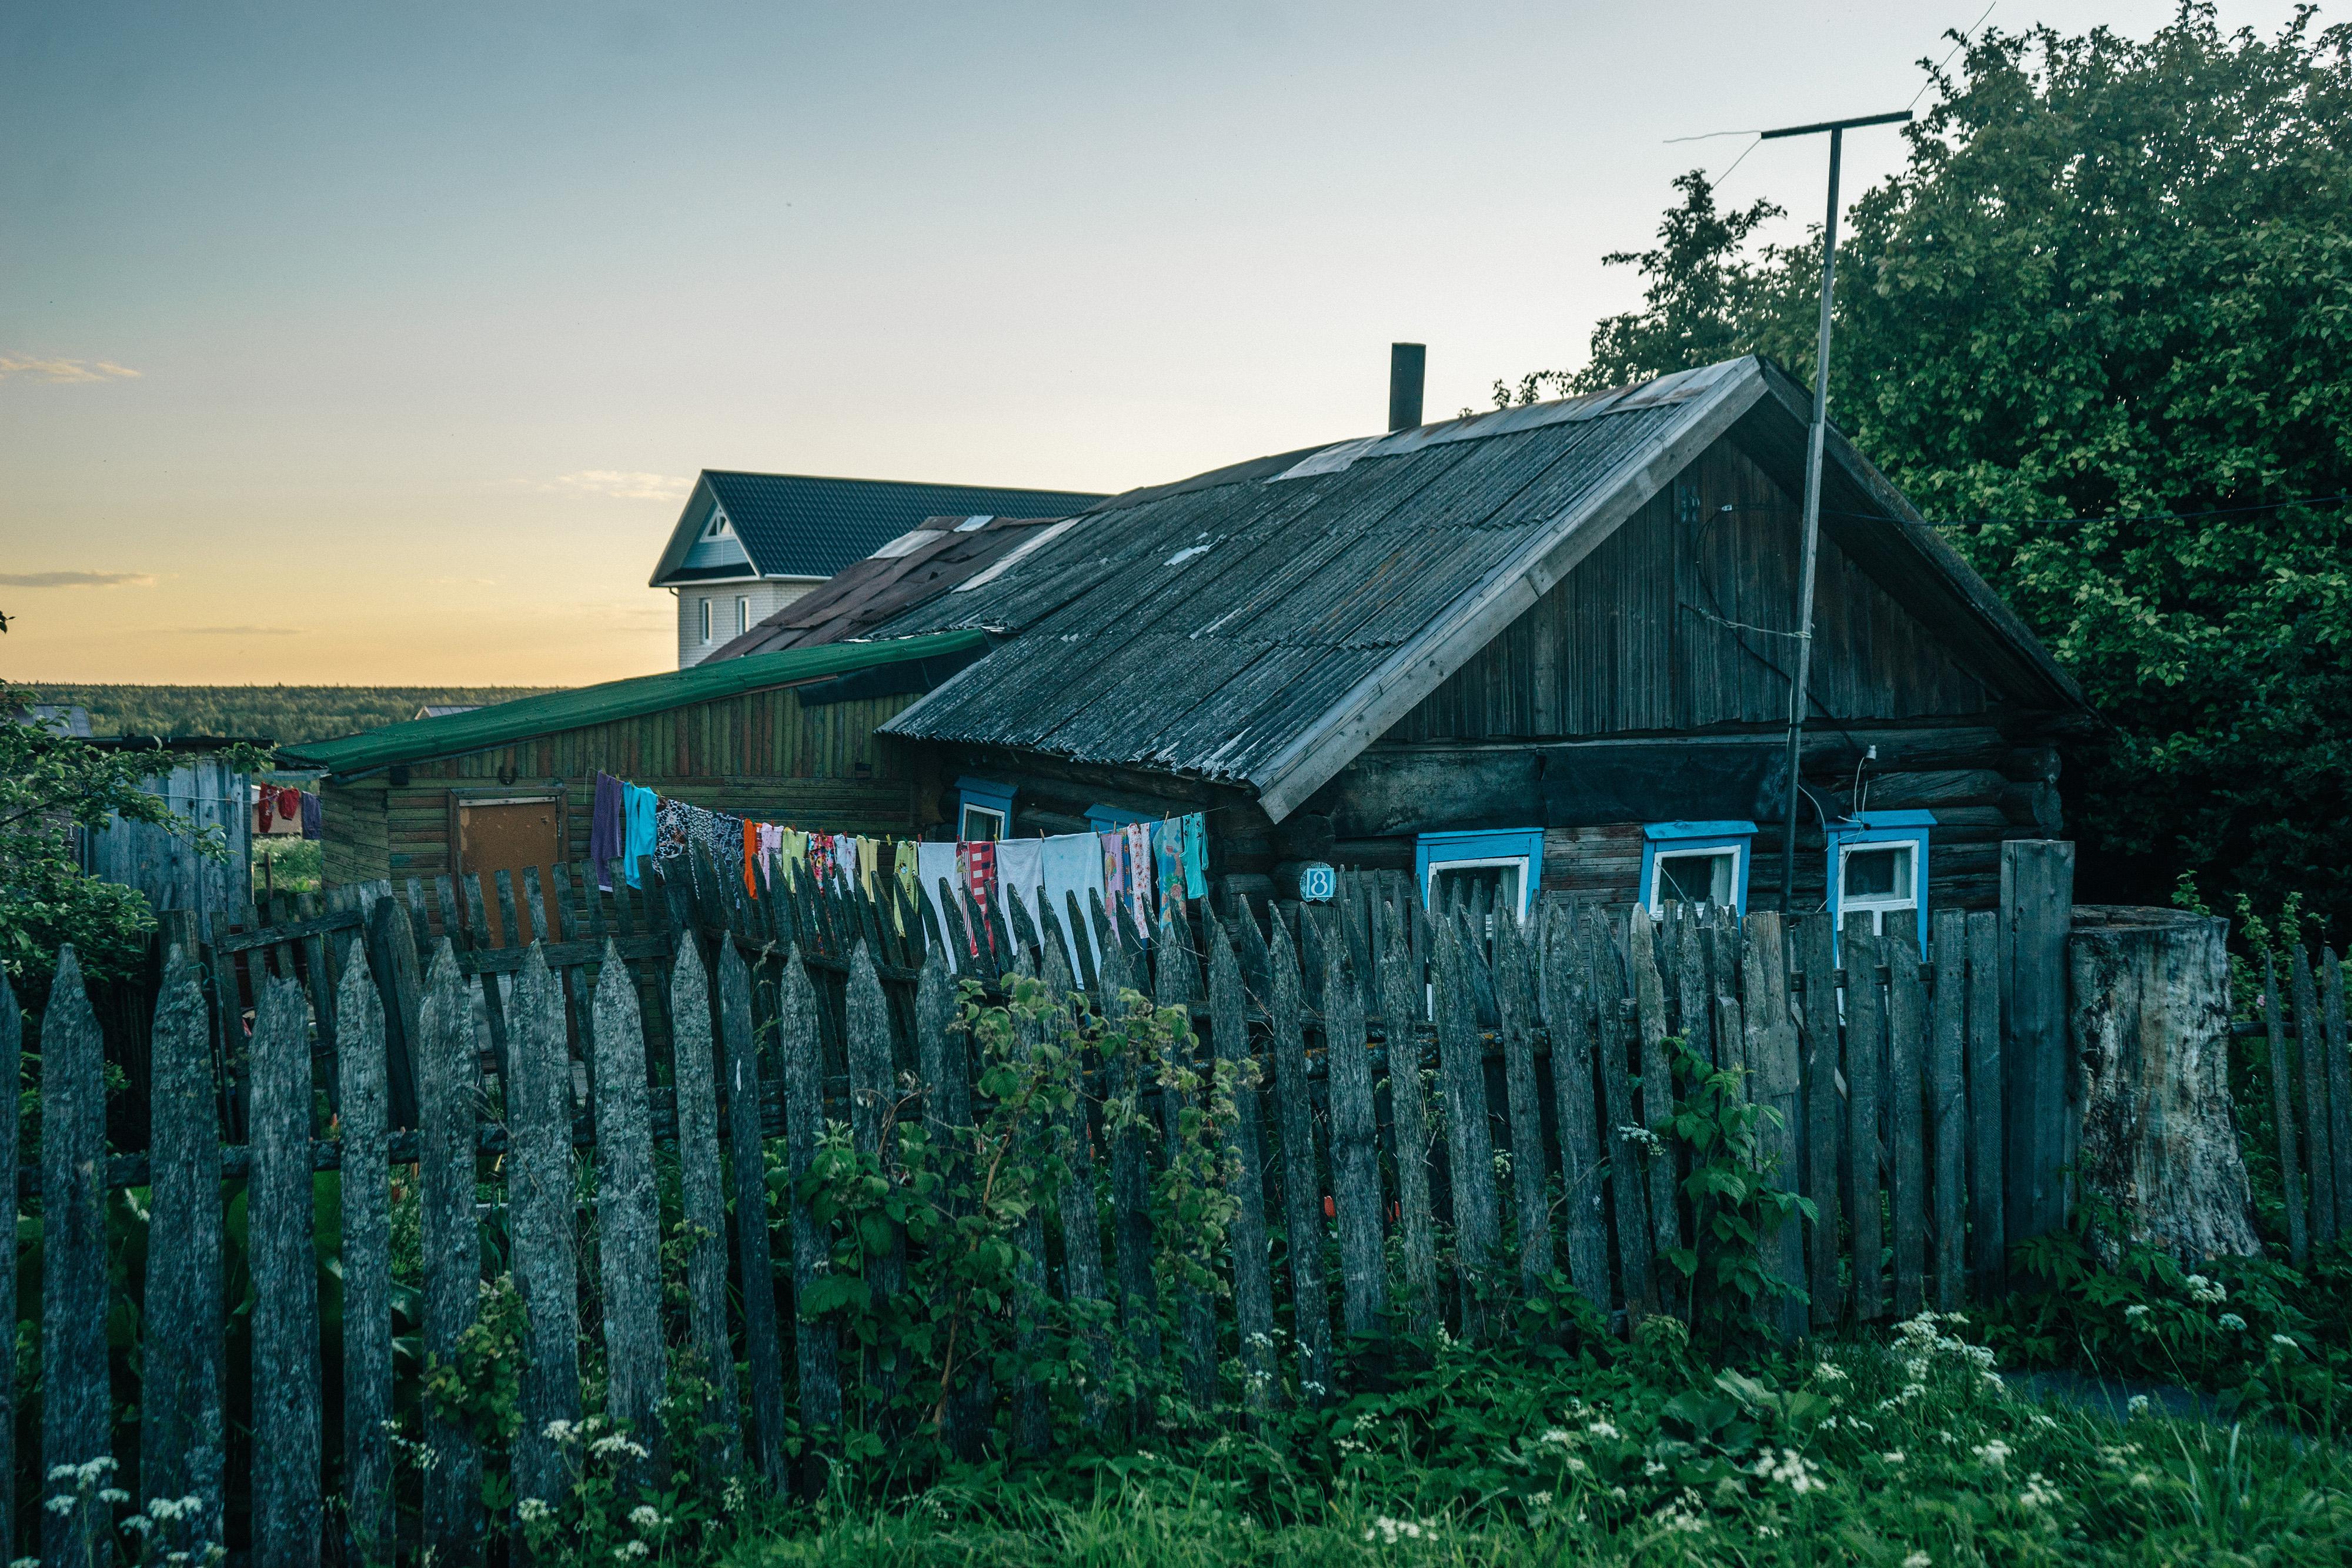 Kostenlose foto : Baum, Natur, Zaun, Bauernhof, Haus, Sonnenlicht ...